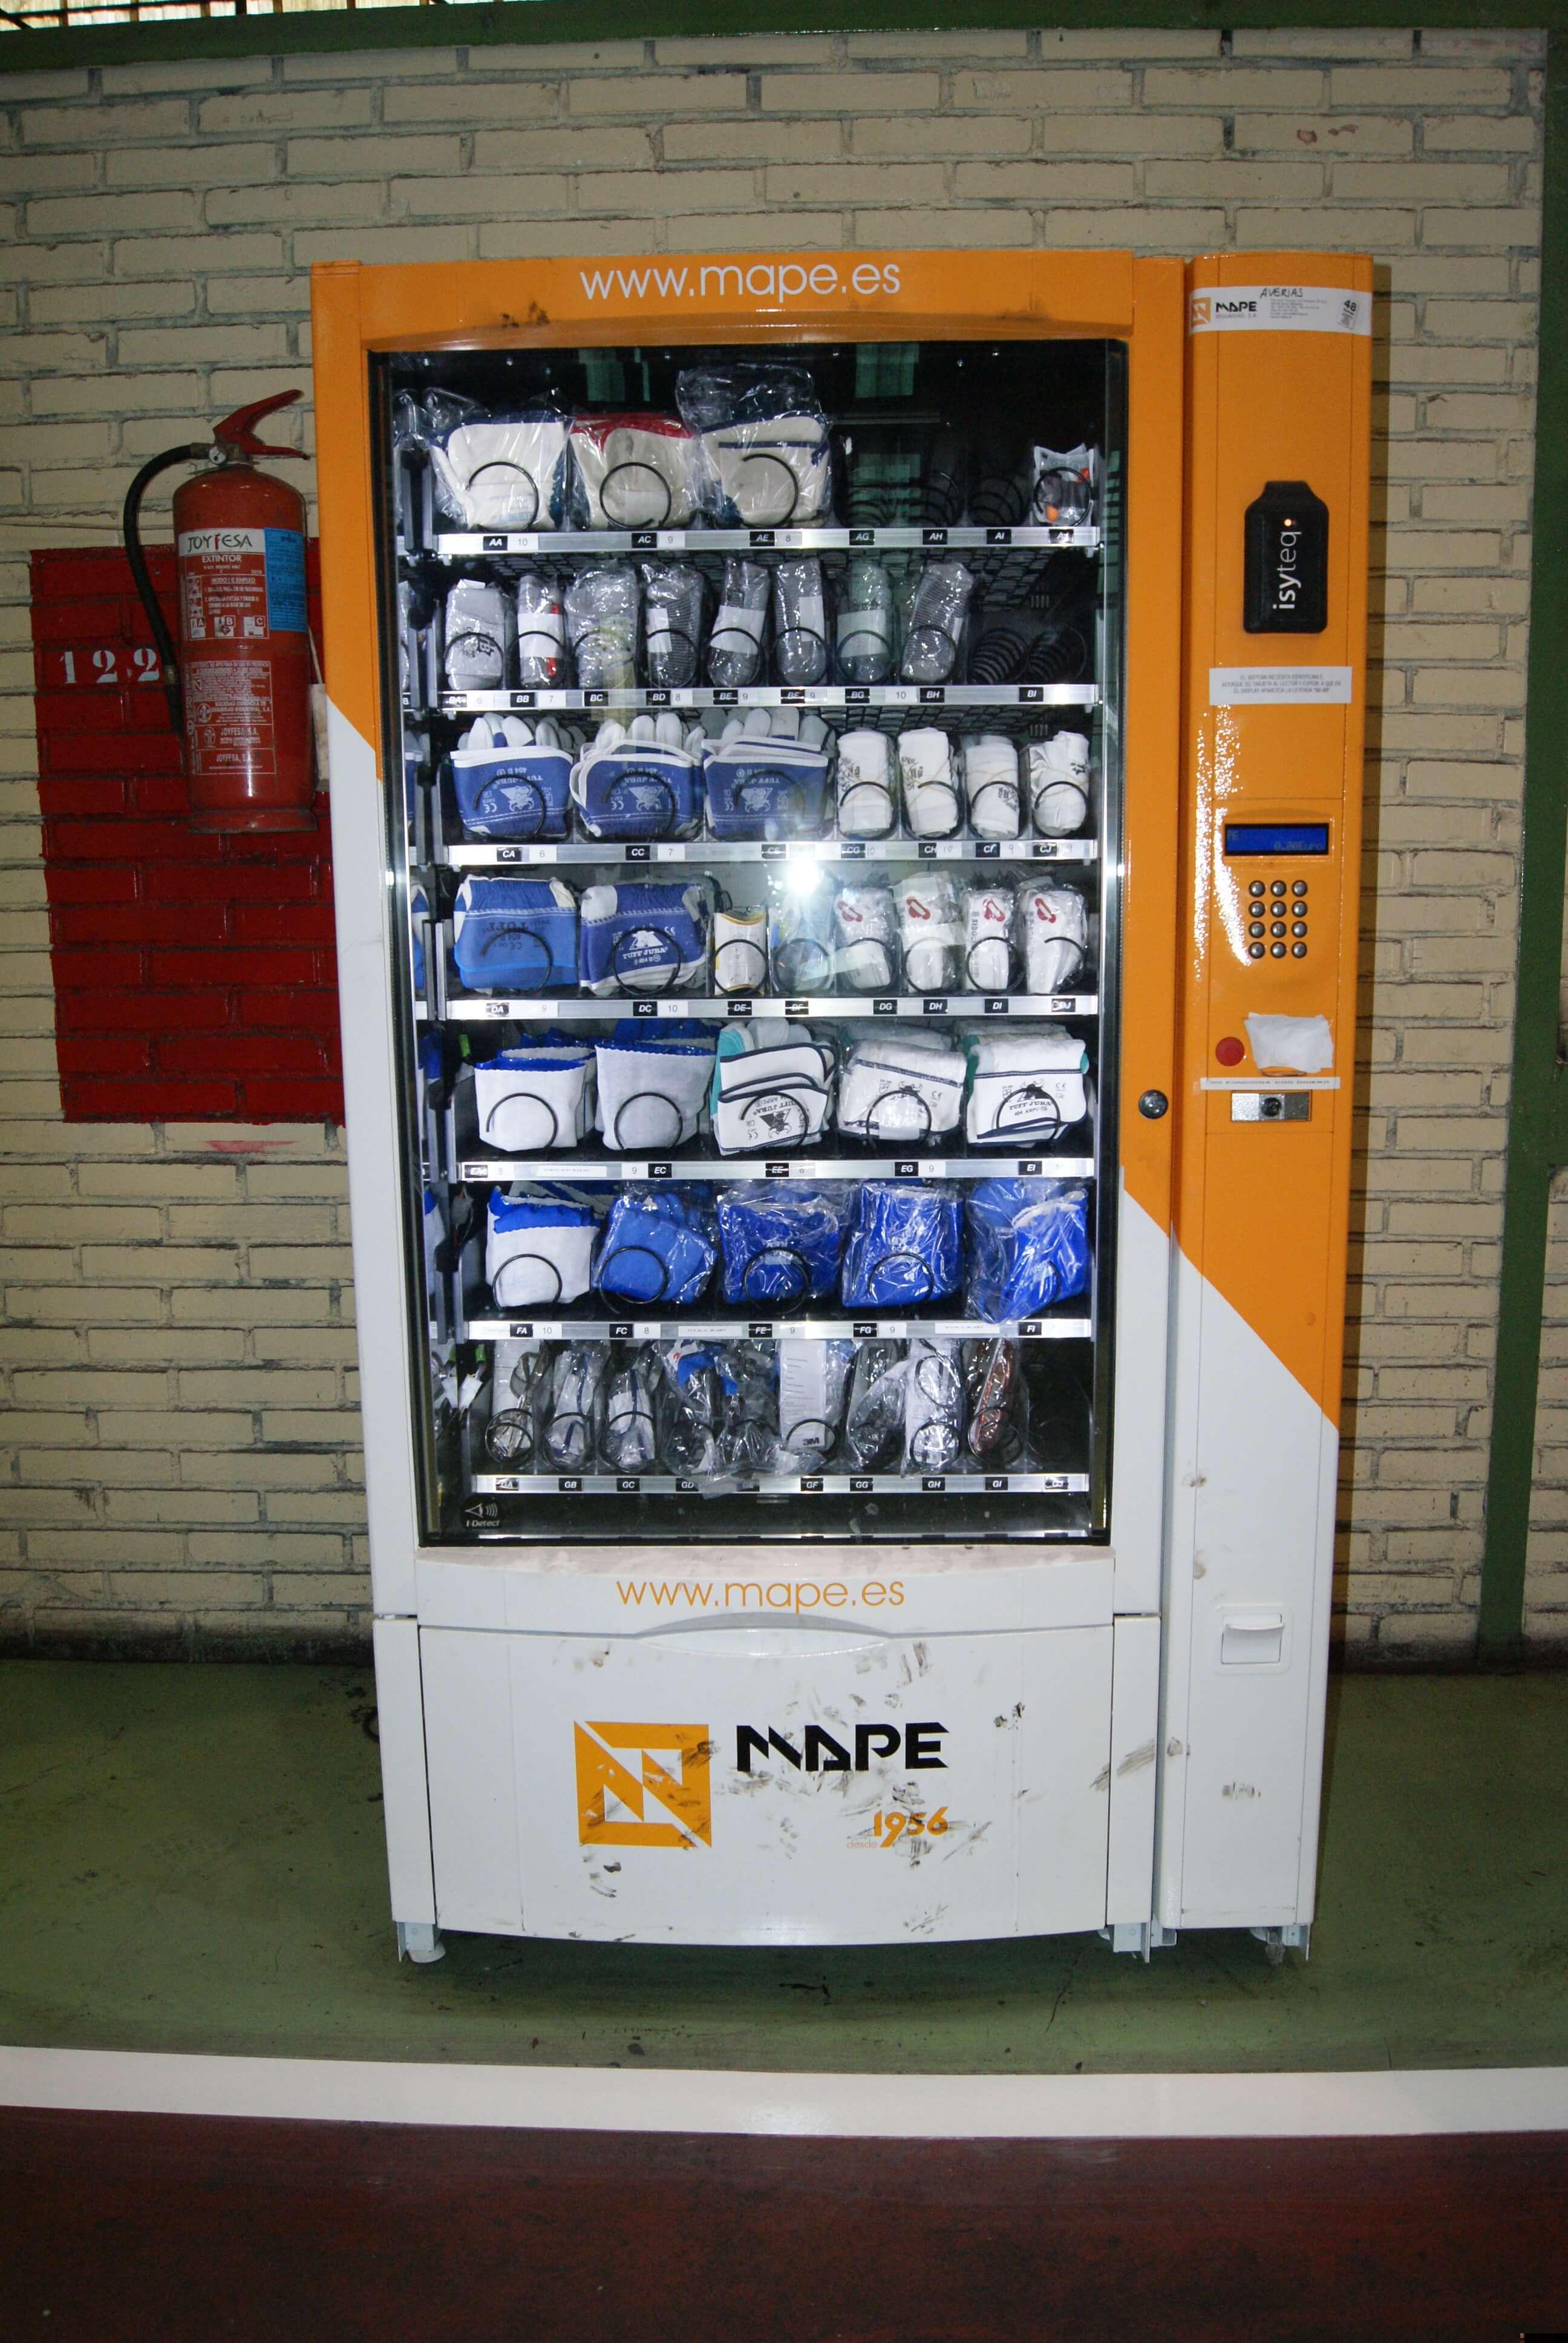 Máquina expendedora Mape